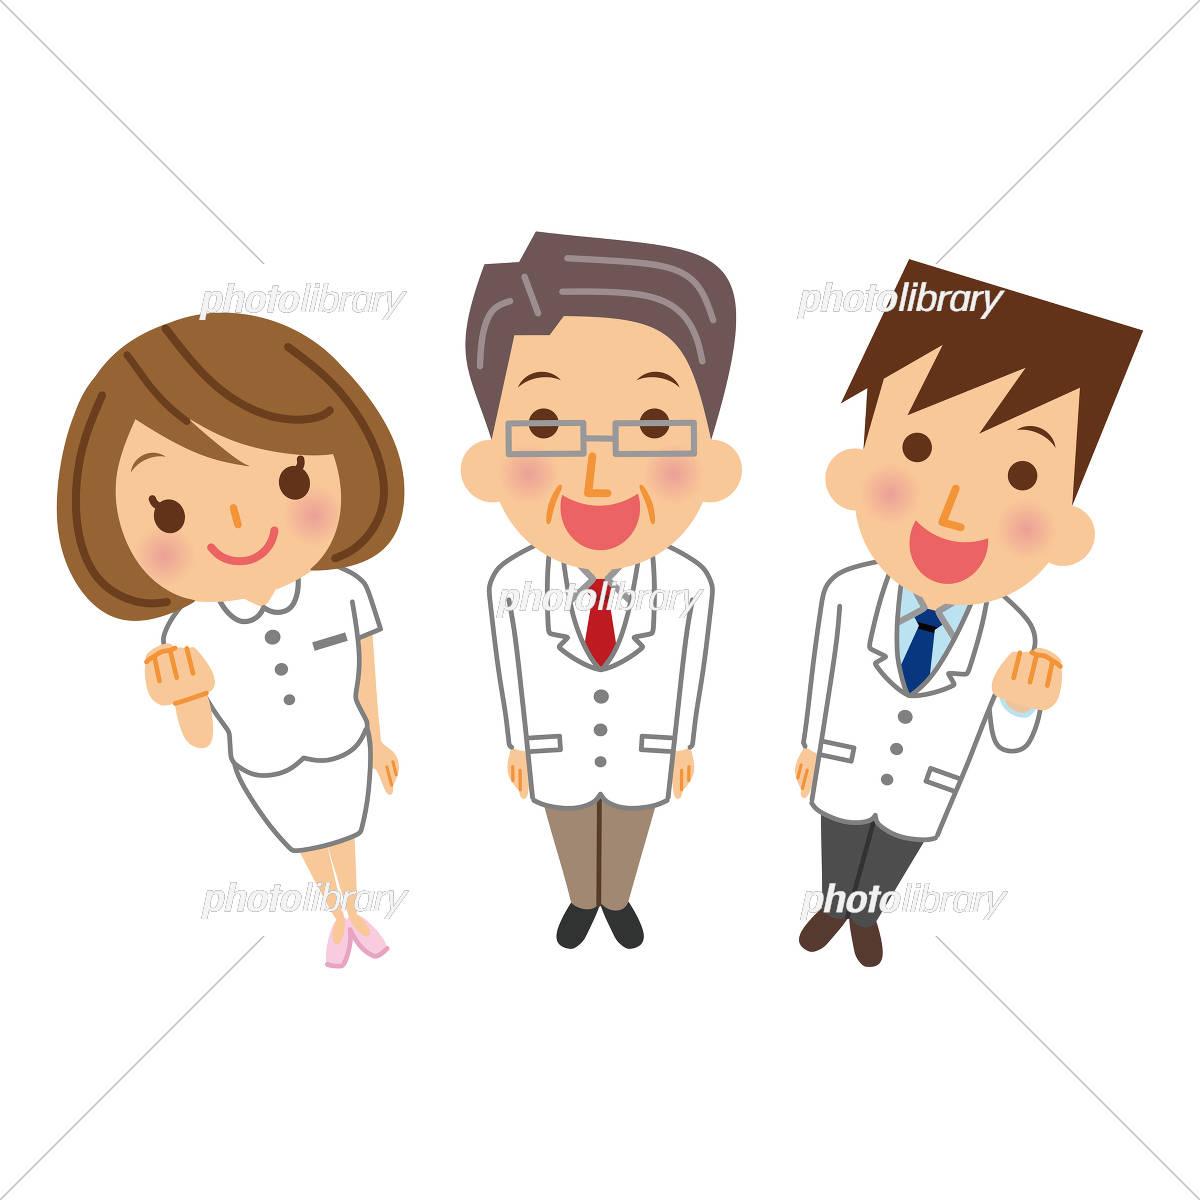 「医療 イラスト 無料」の画像検索結果